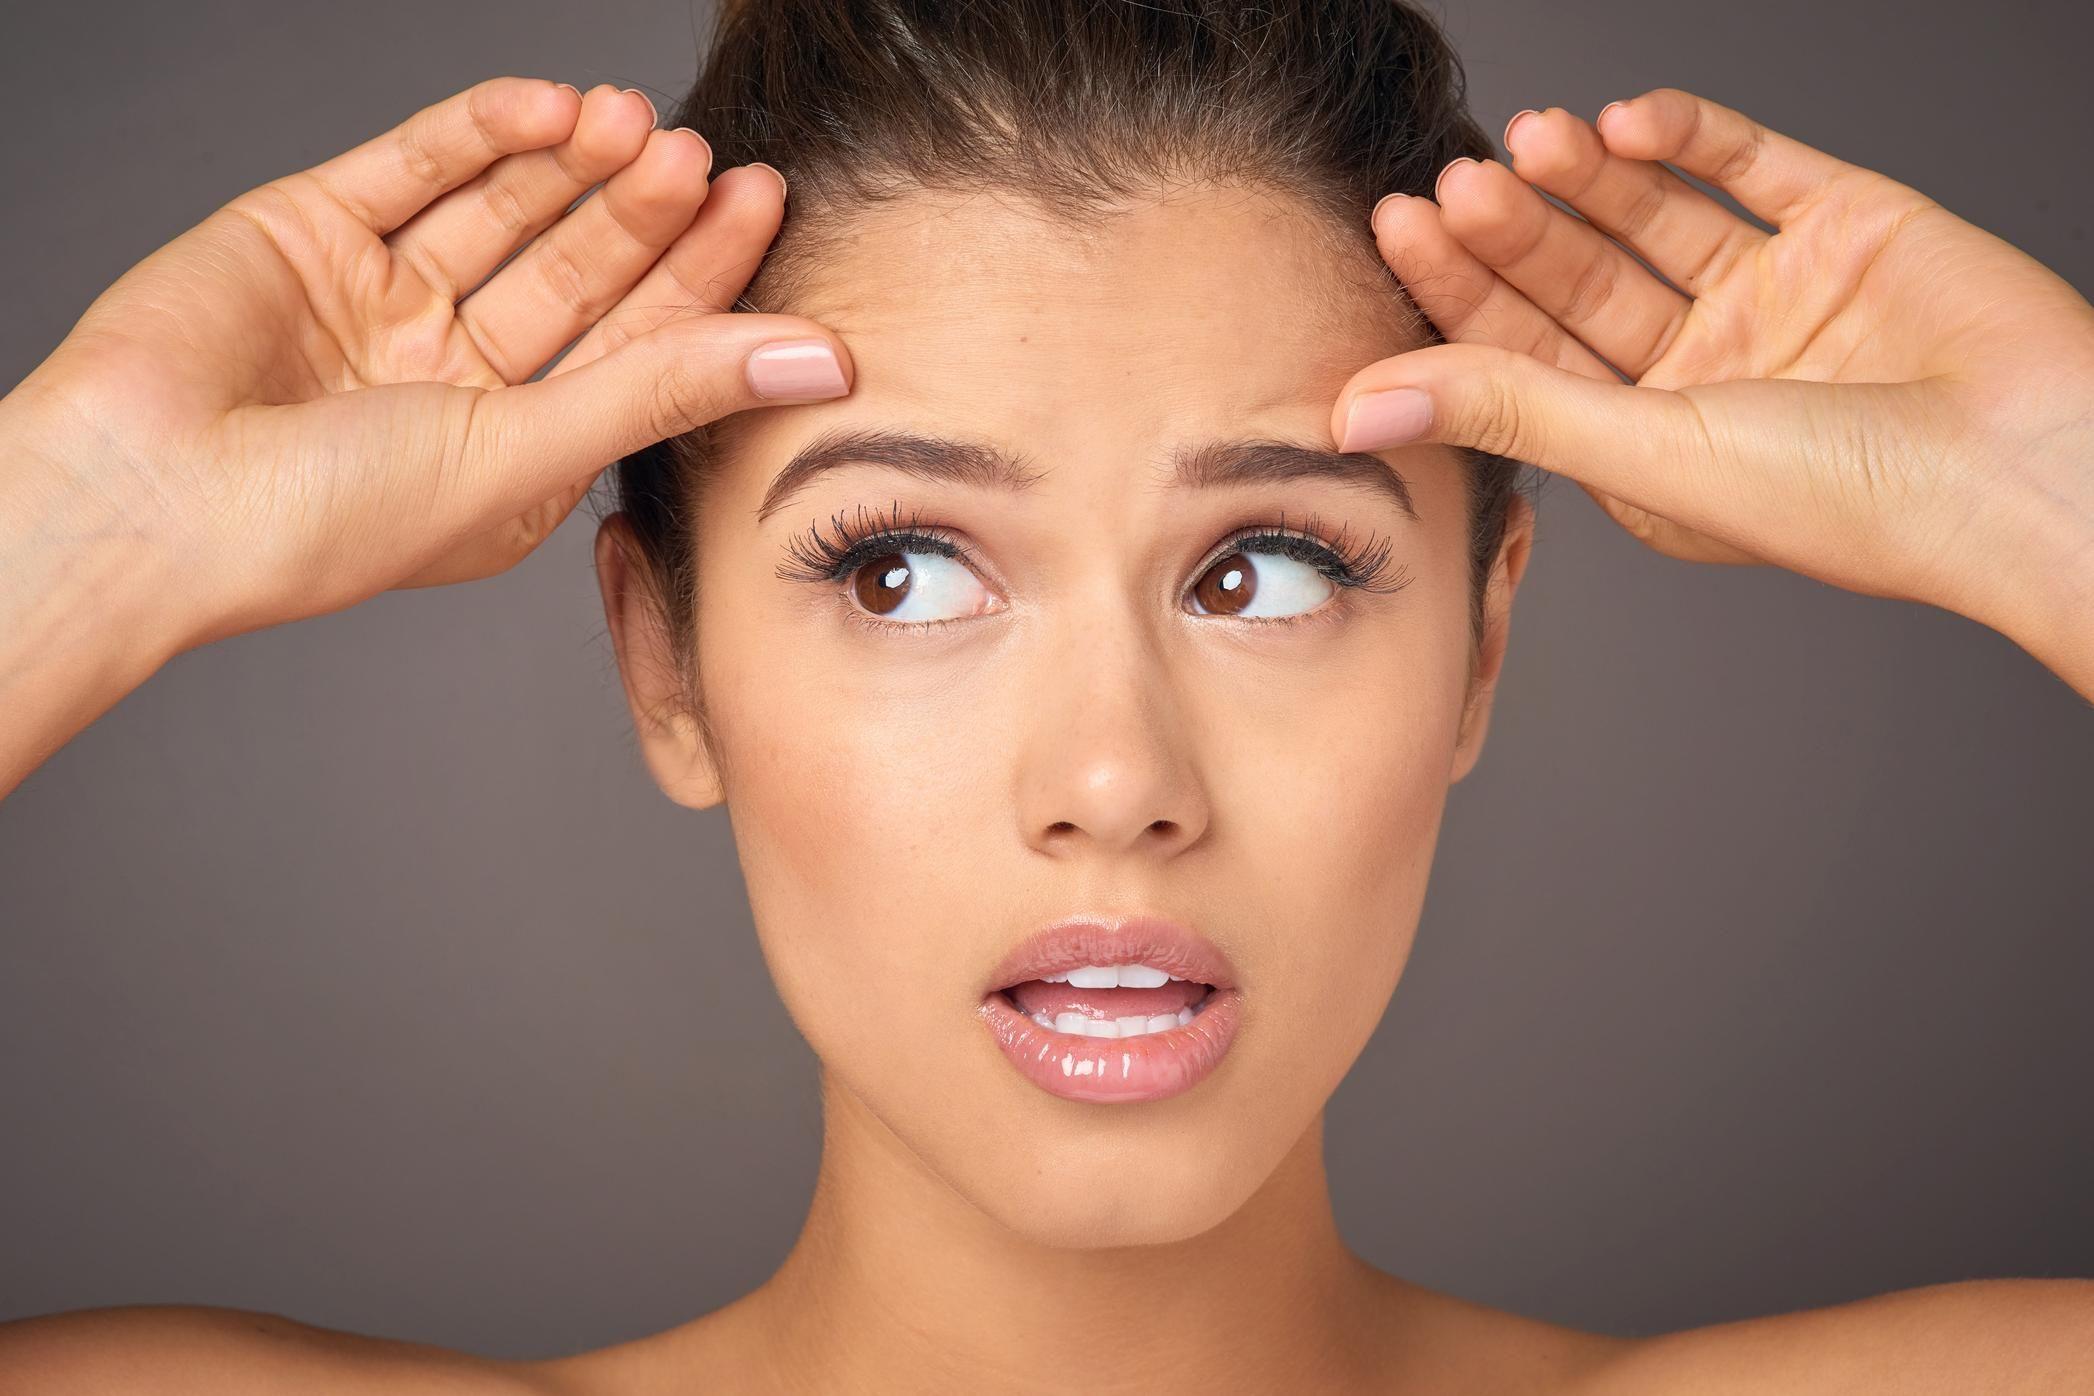 comment enlever les rides du visage